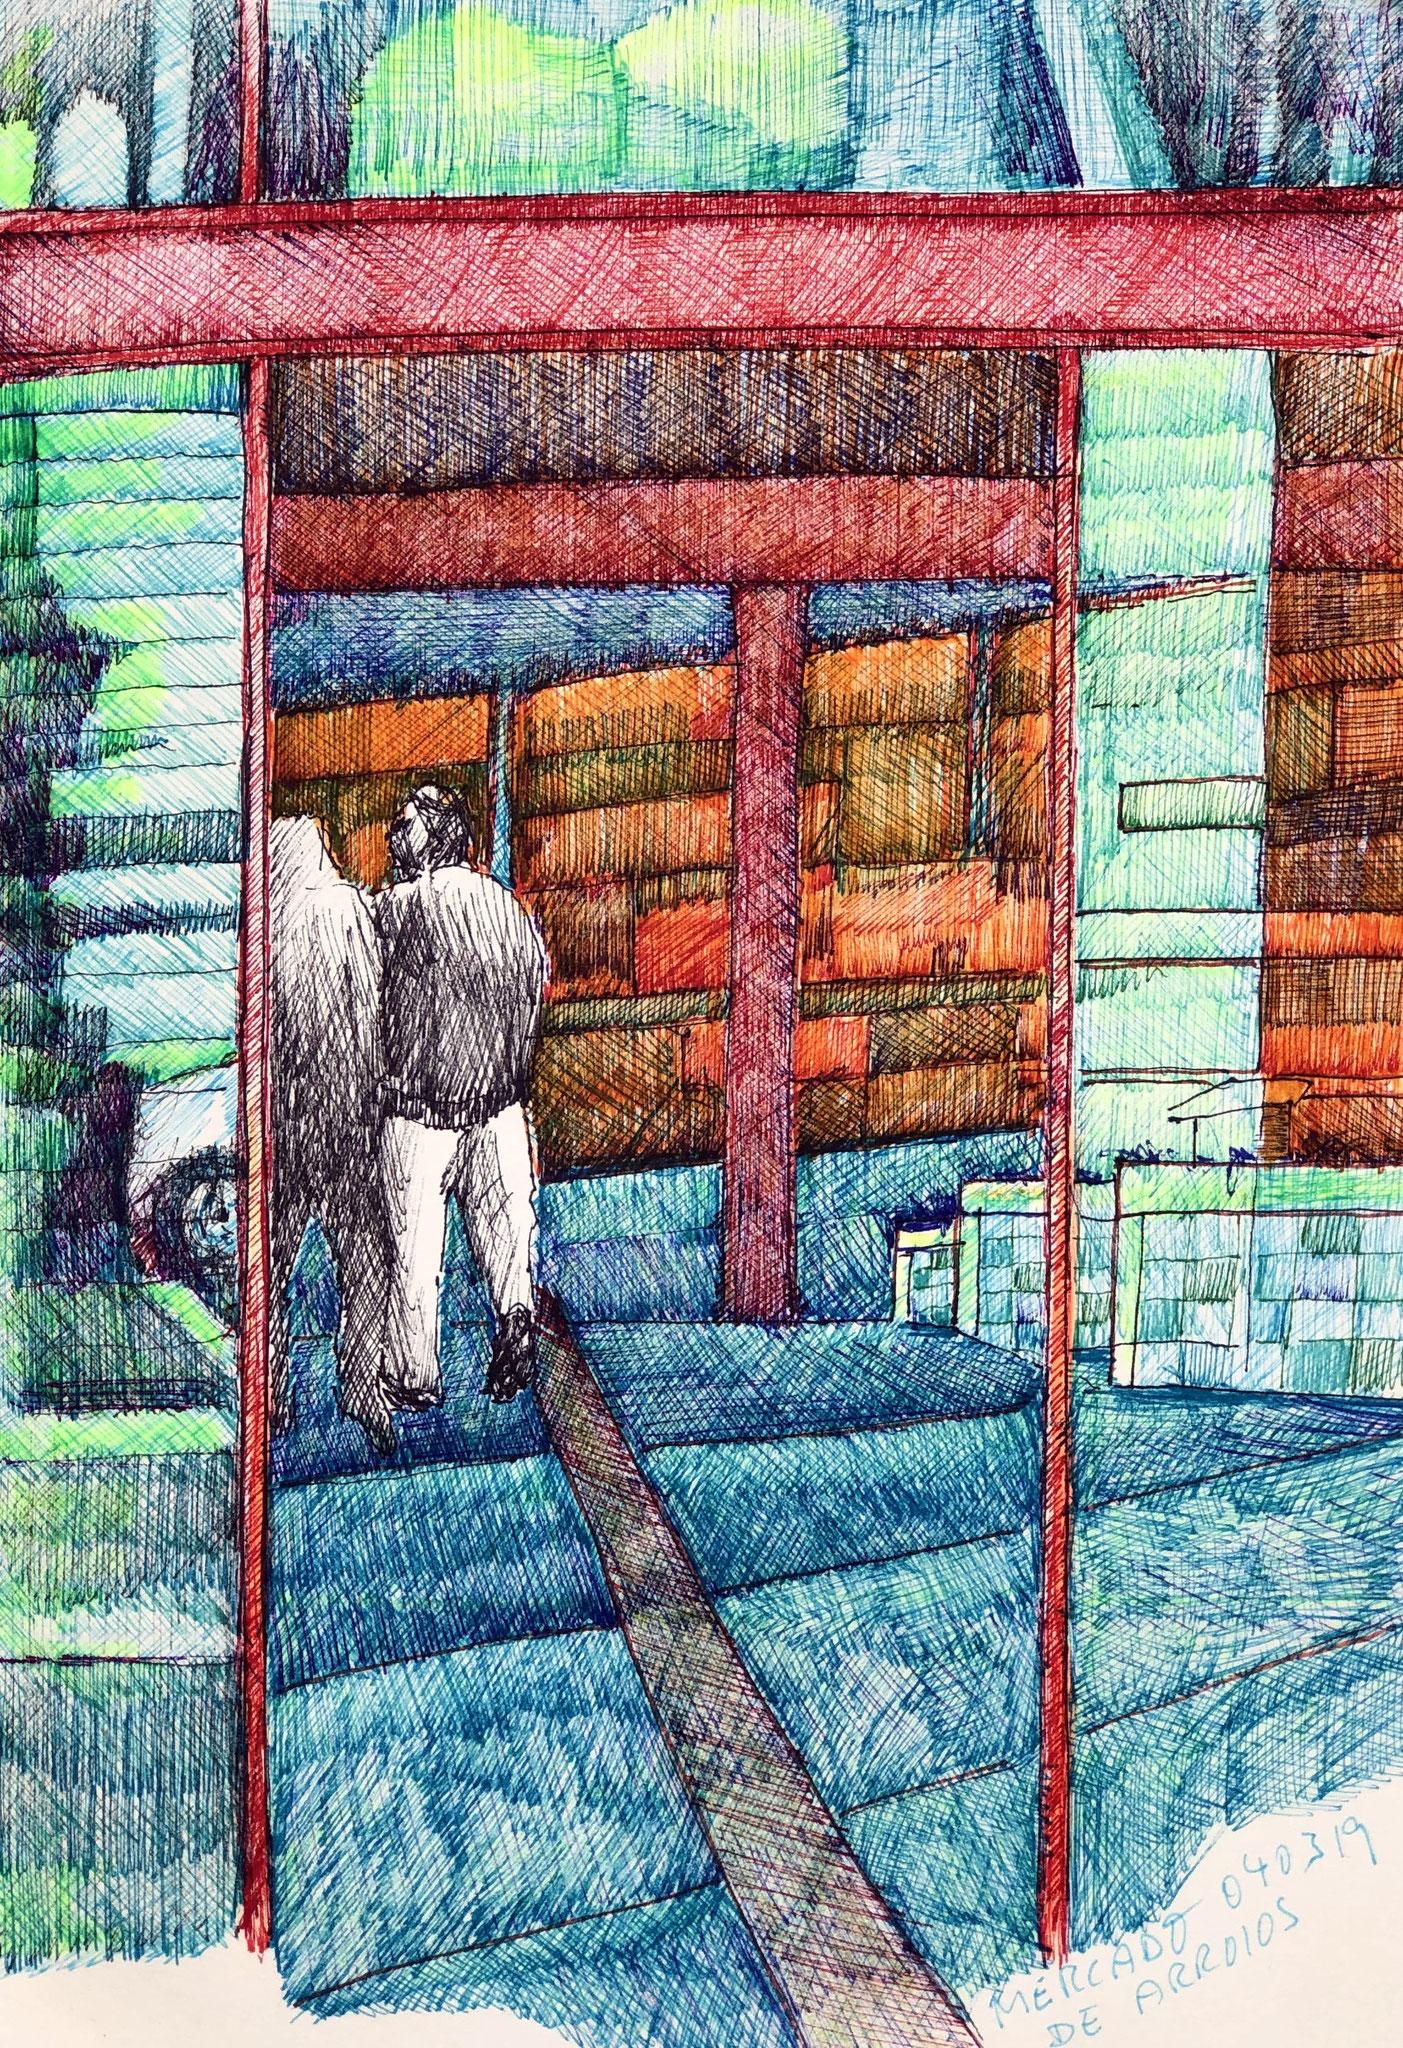 aus meinem Skizzenbuch: LISBOA, MERCADO     Mischtechnik auf Papier - 28 x 20cm